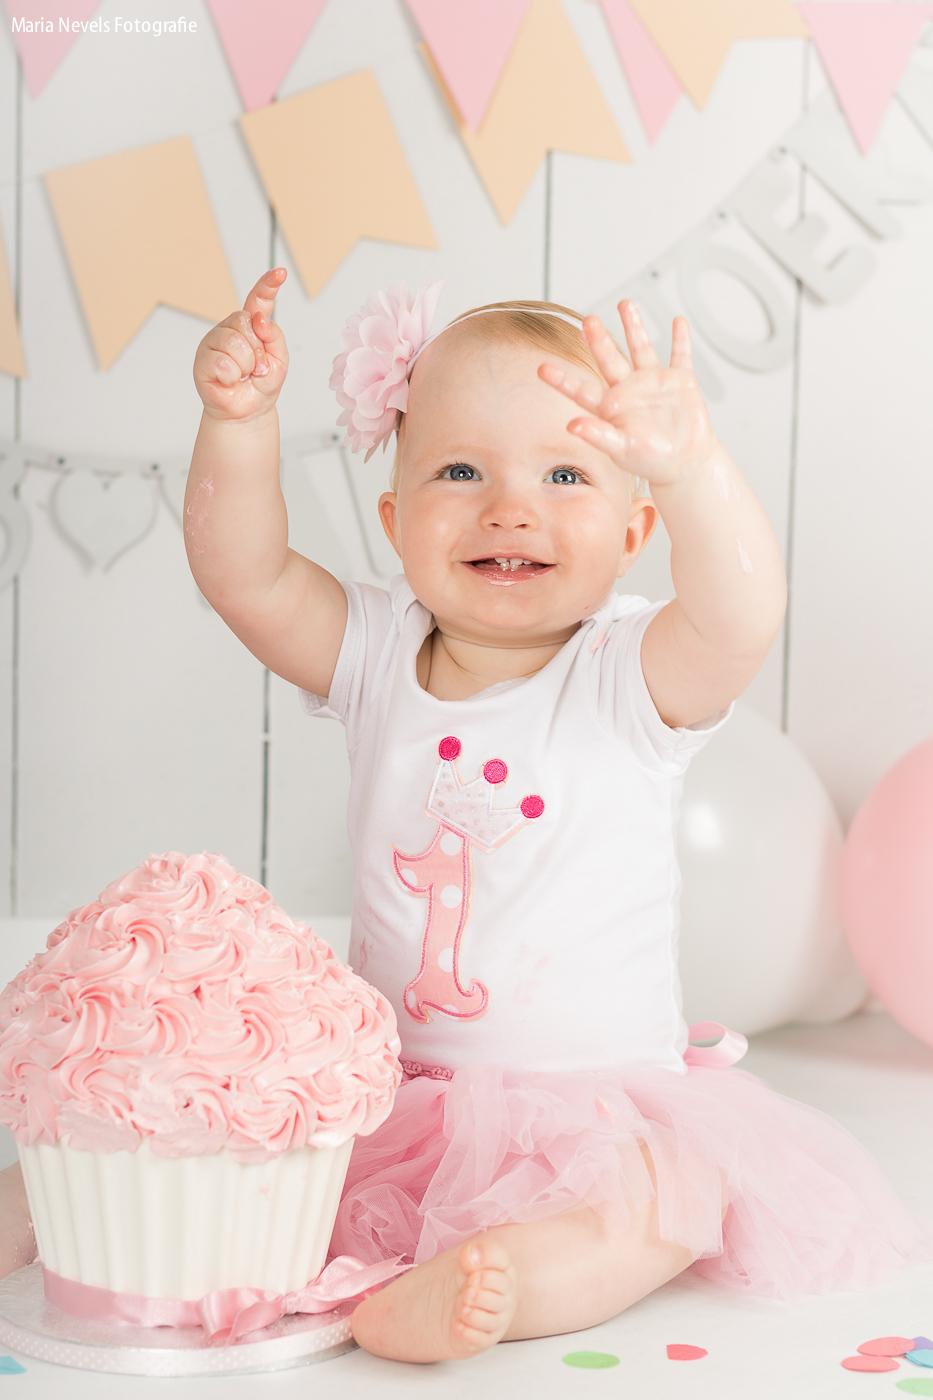 Yay! 1 jaar! - Cakesmash Yara - foto door marianevels op 14-08-2016 - deze foto bevat: roze, portret, kind, kinderen, baby, meisje, lief, beauty, verjaardag, fotoshoot, 50mm, 1jaar, Cakesmash